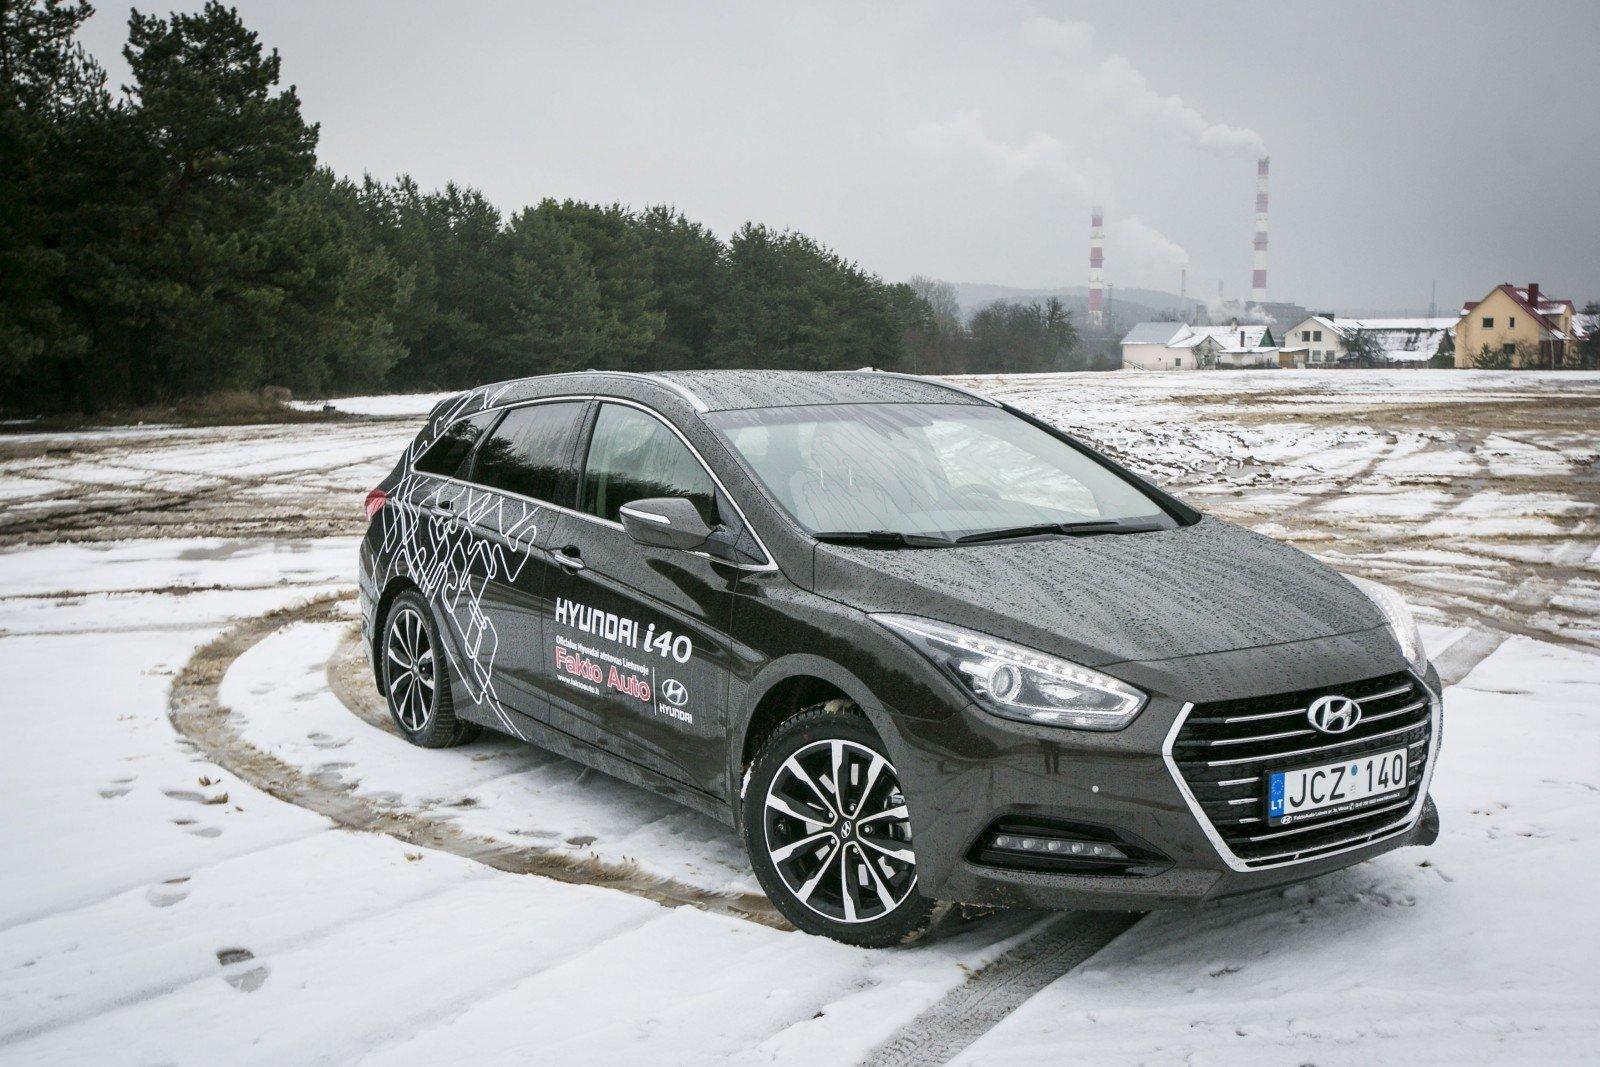 Hyundai i40 problemos